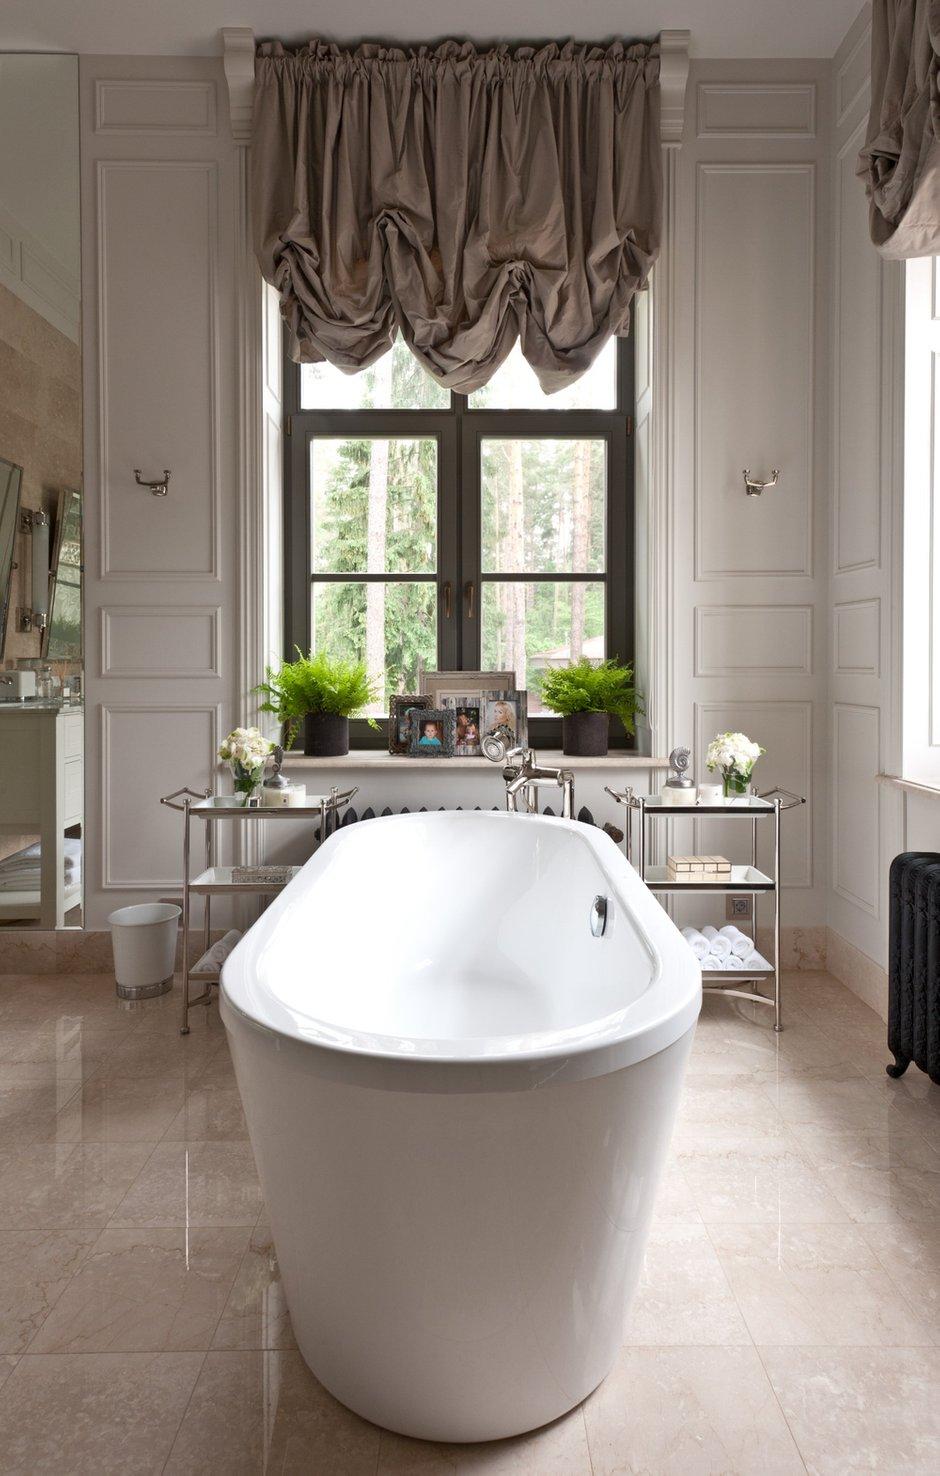 Фотография: Ванная в стиле Современный, Эклектика, Дом, Интерьер комнат, Проект недели – фото на INMYROOM